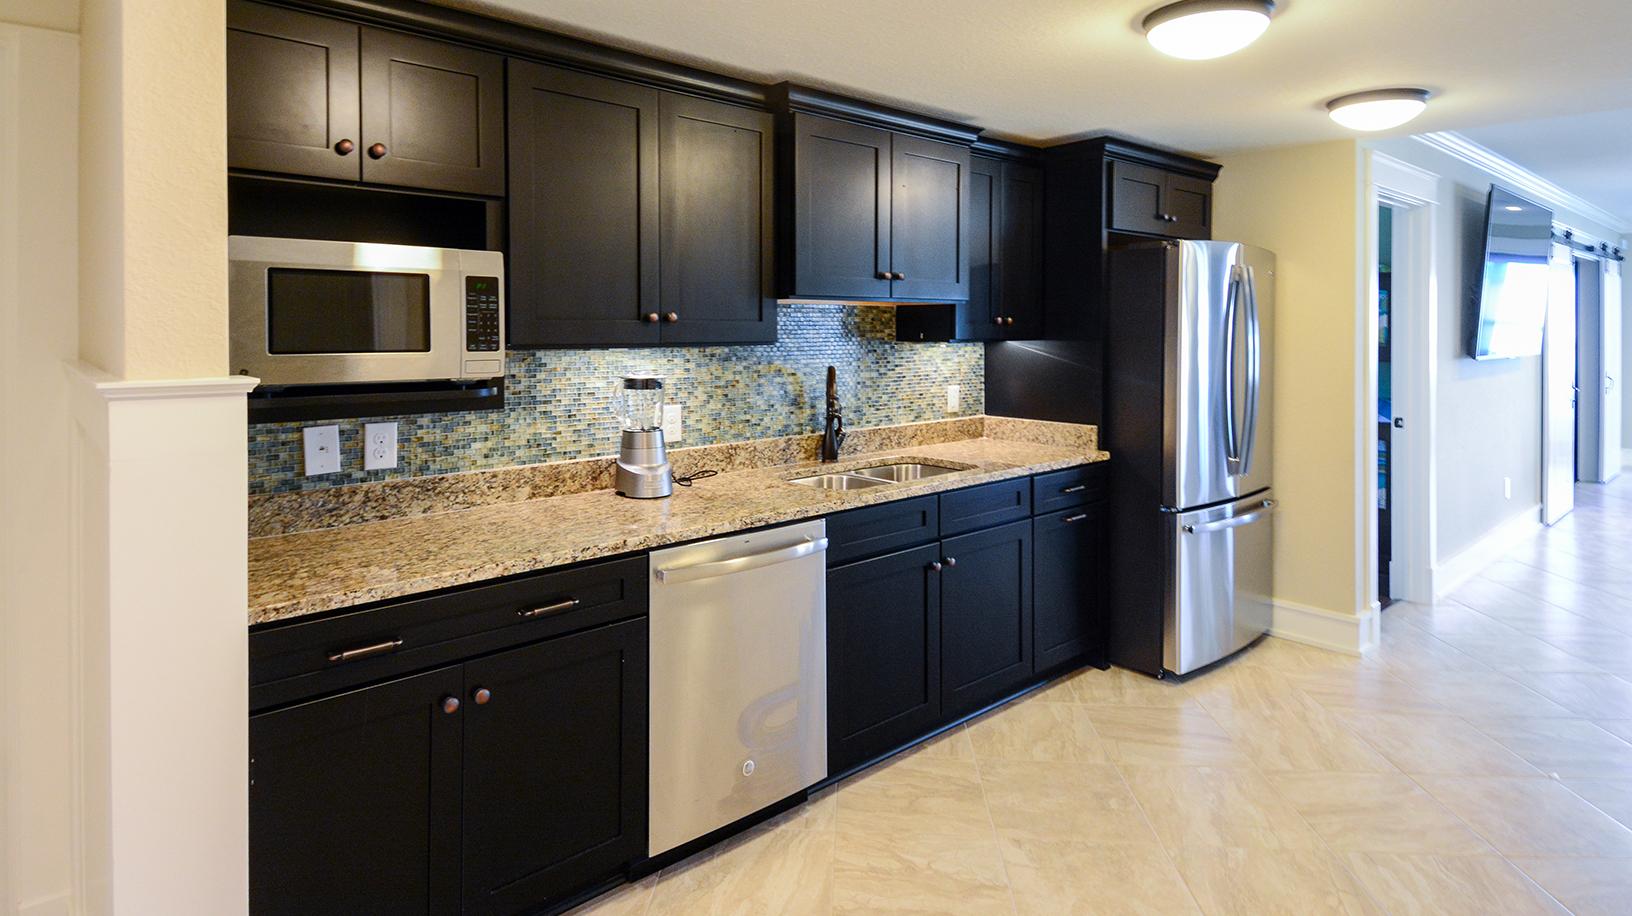 KD1631-kitchenette.jpg